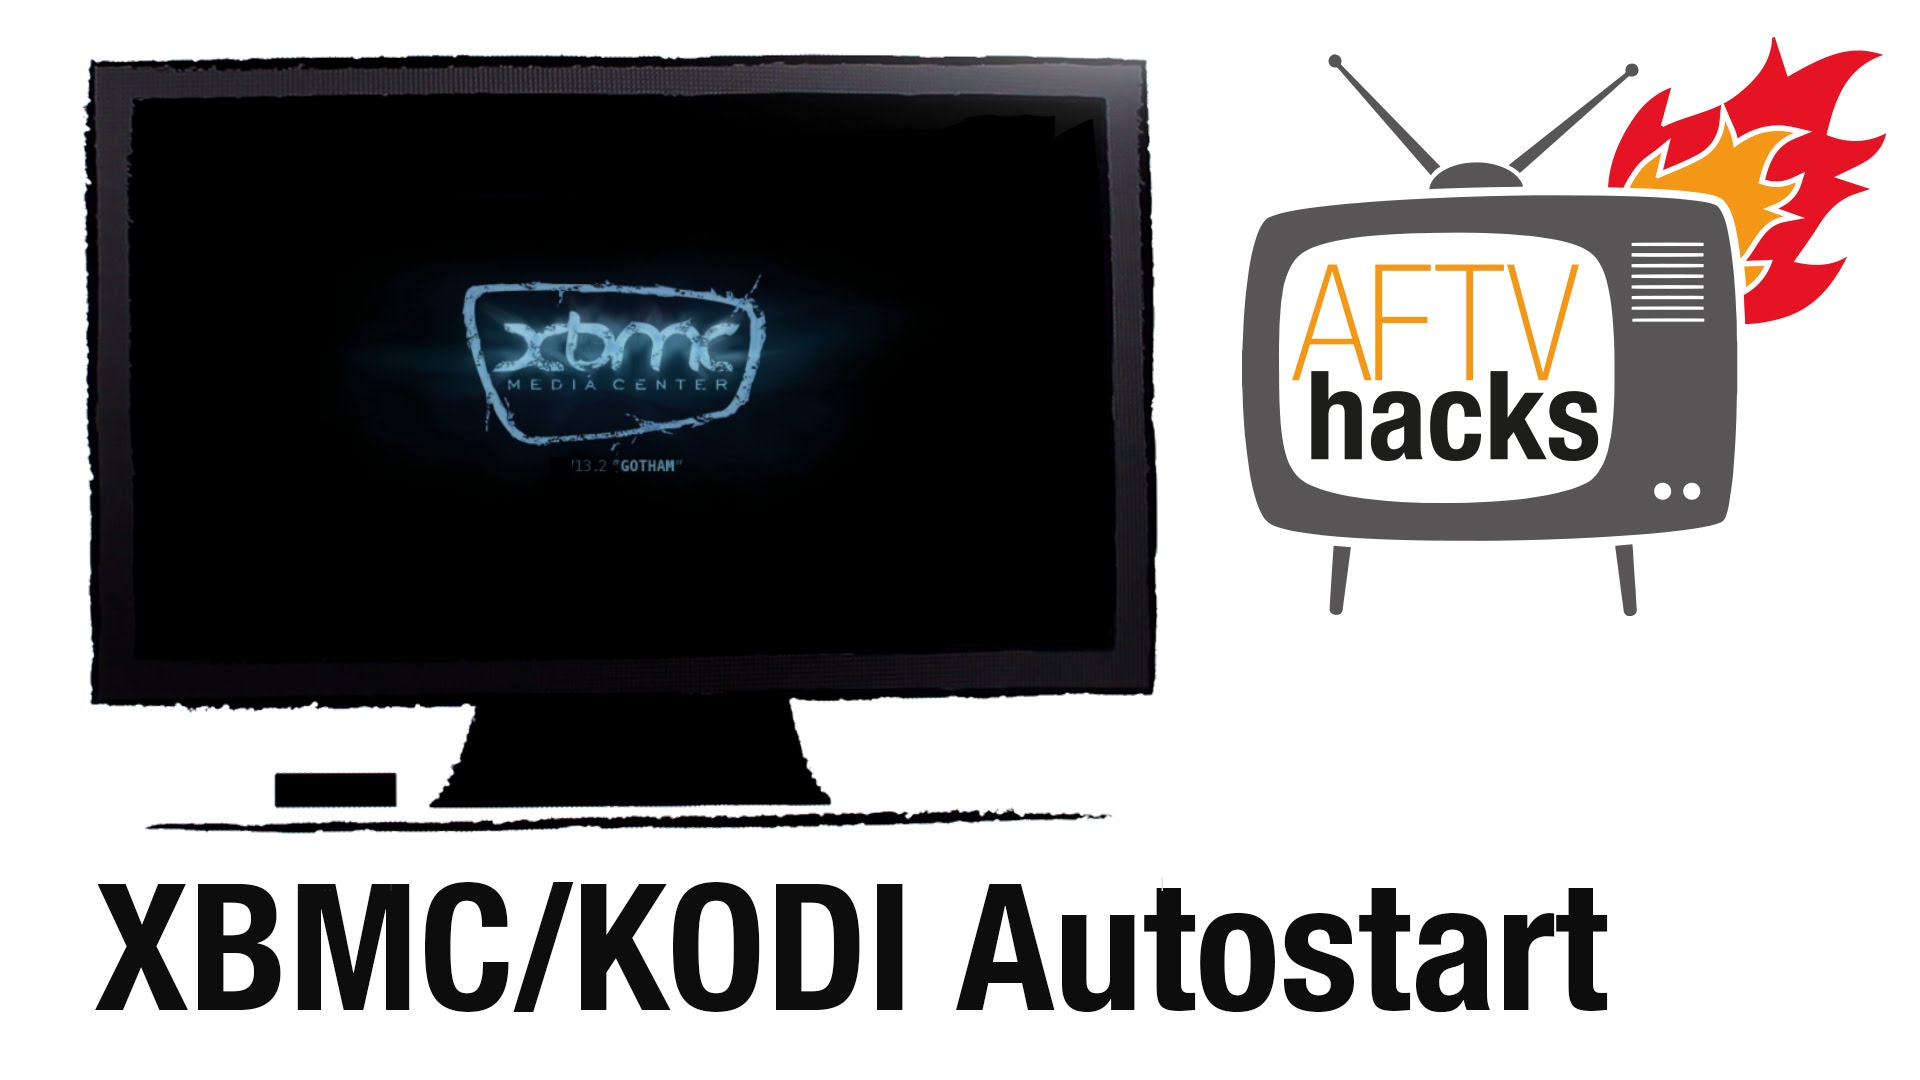 XBMC Autostart: XBMC/Kodi automatisch nach dem Booten des FireTV starten